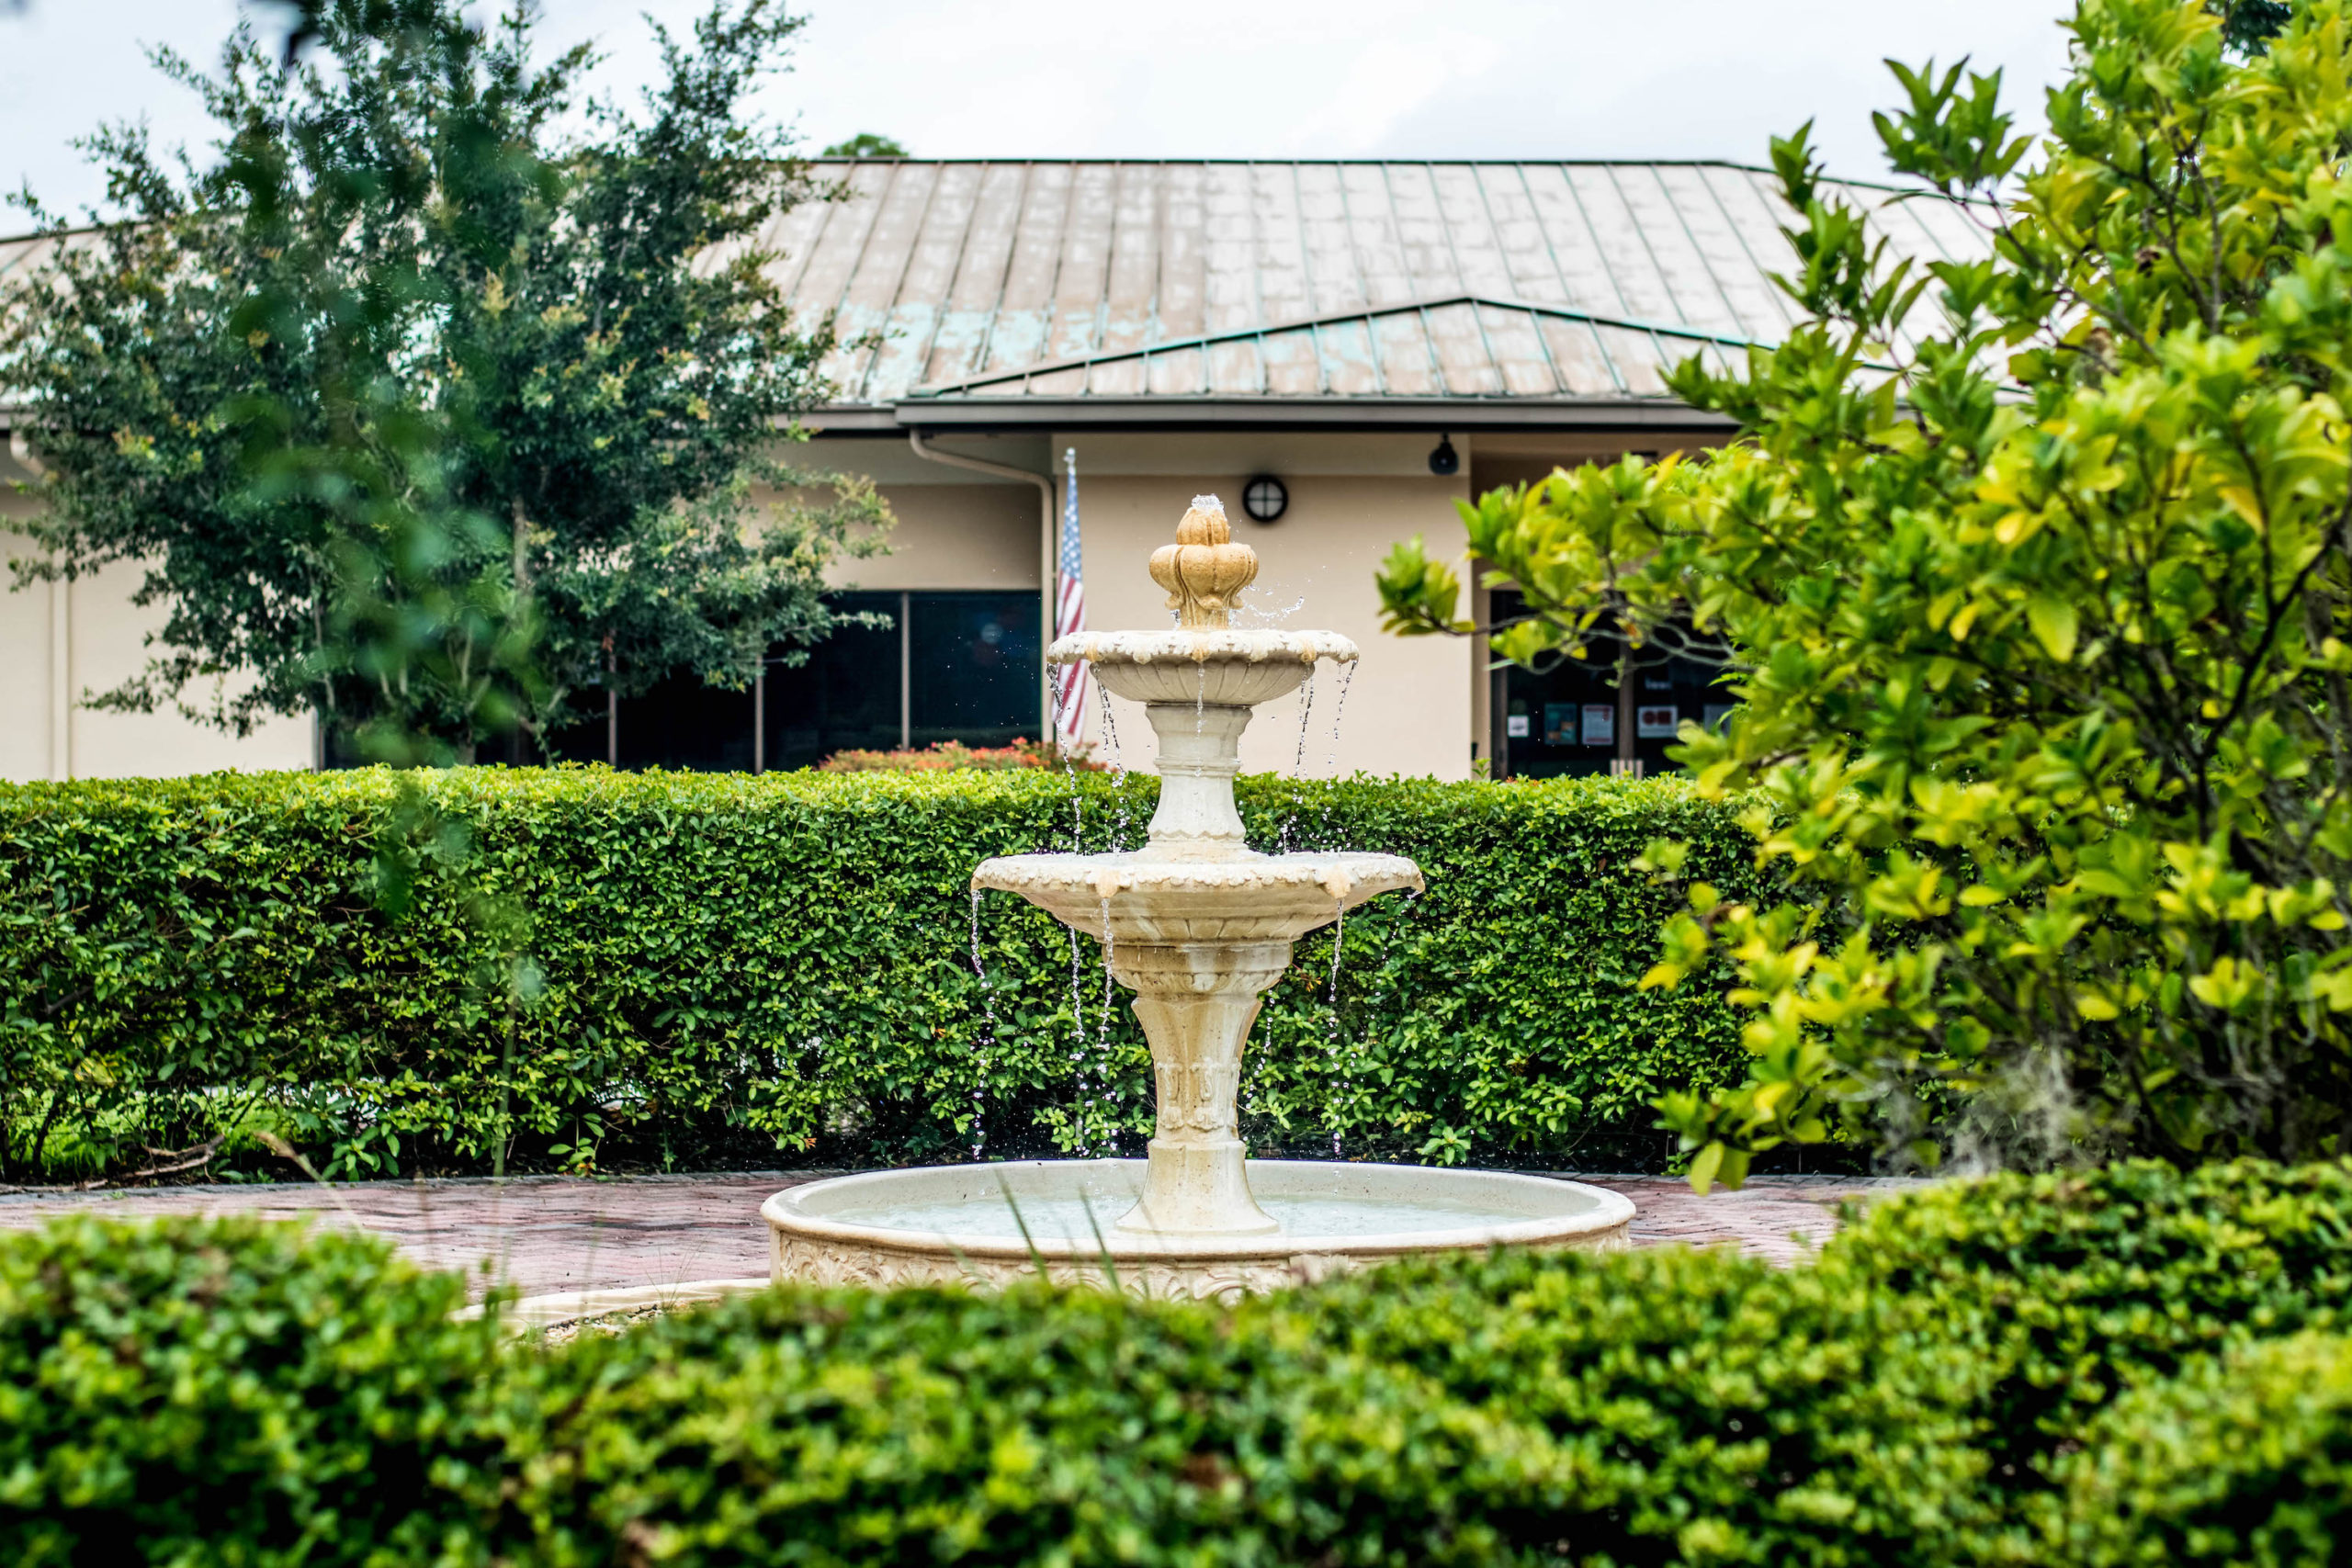 Fountain in an outdoor area of The Gardens at DePugh Nursing Center.